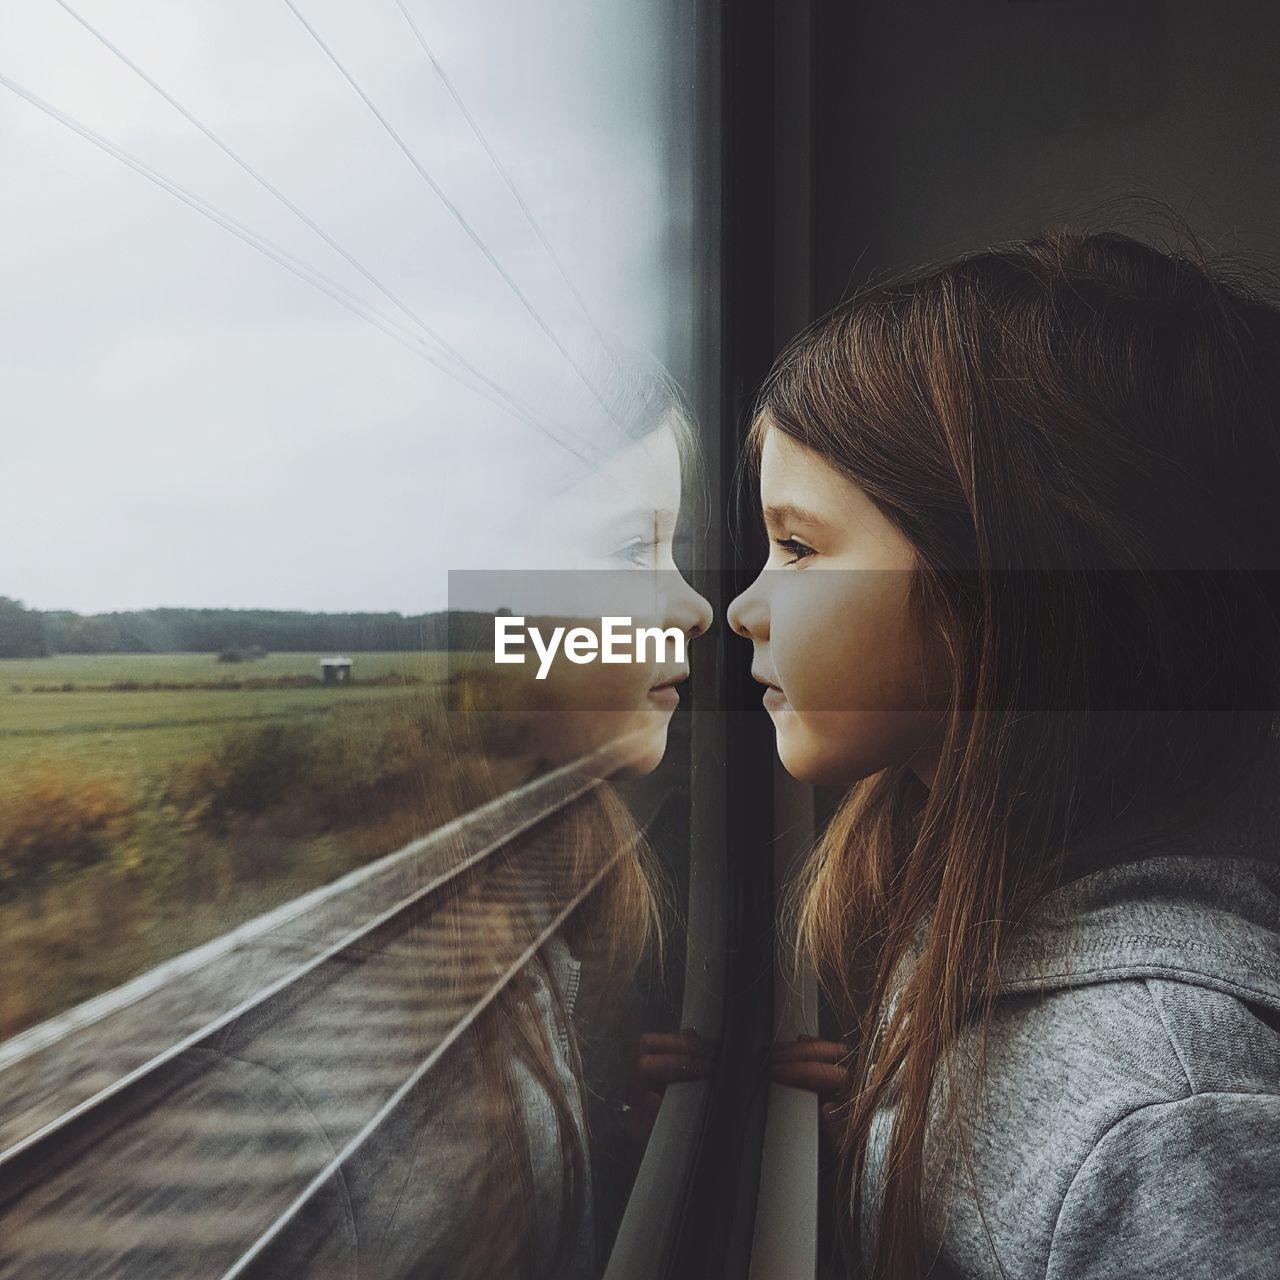 Cute girl in train